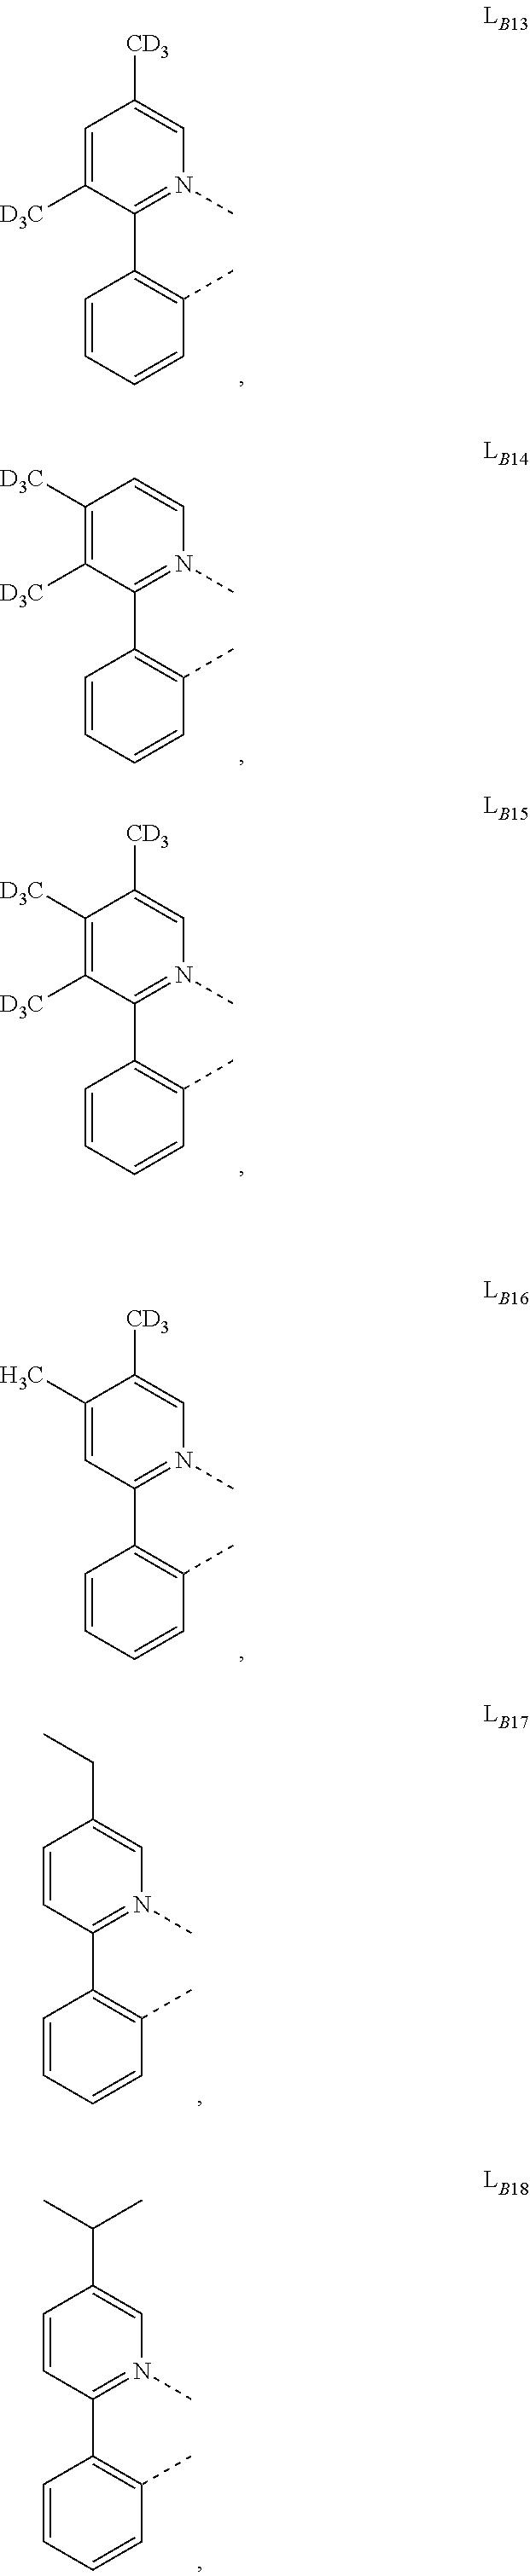 Figure US20160049599A1-20160218-C00499